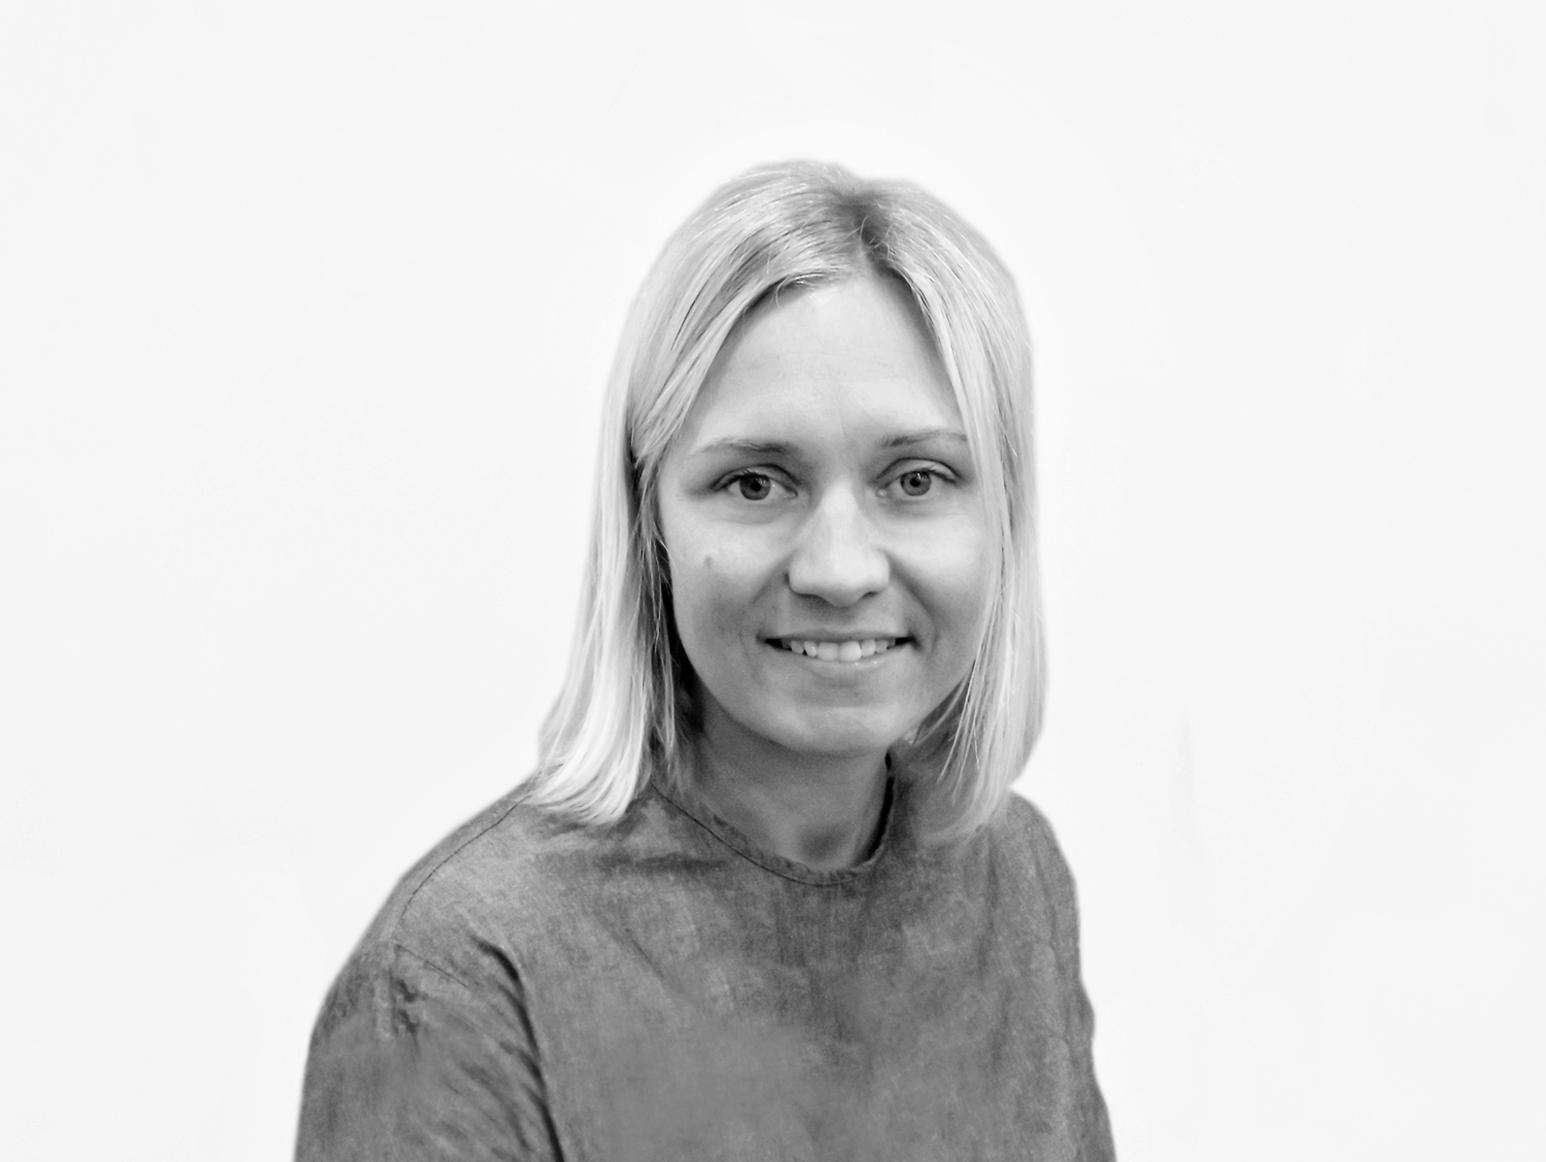 Clare Kinsella